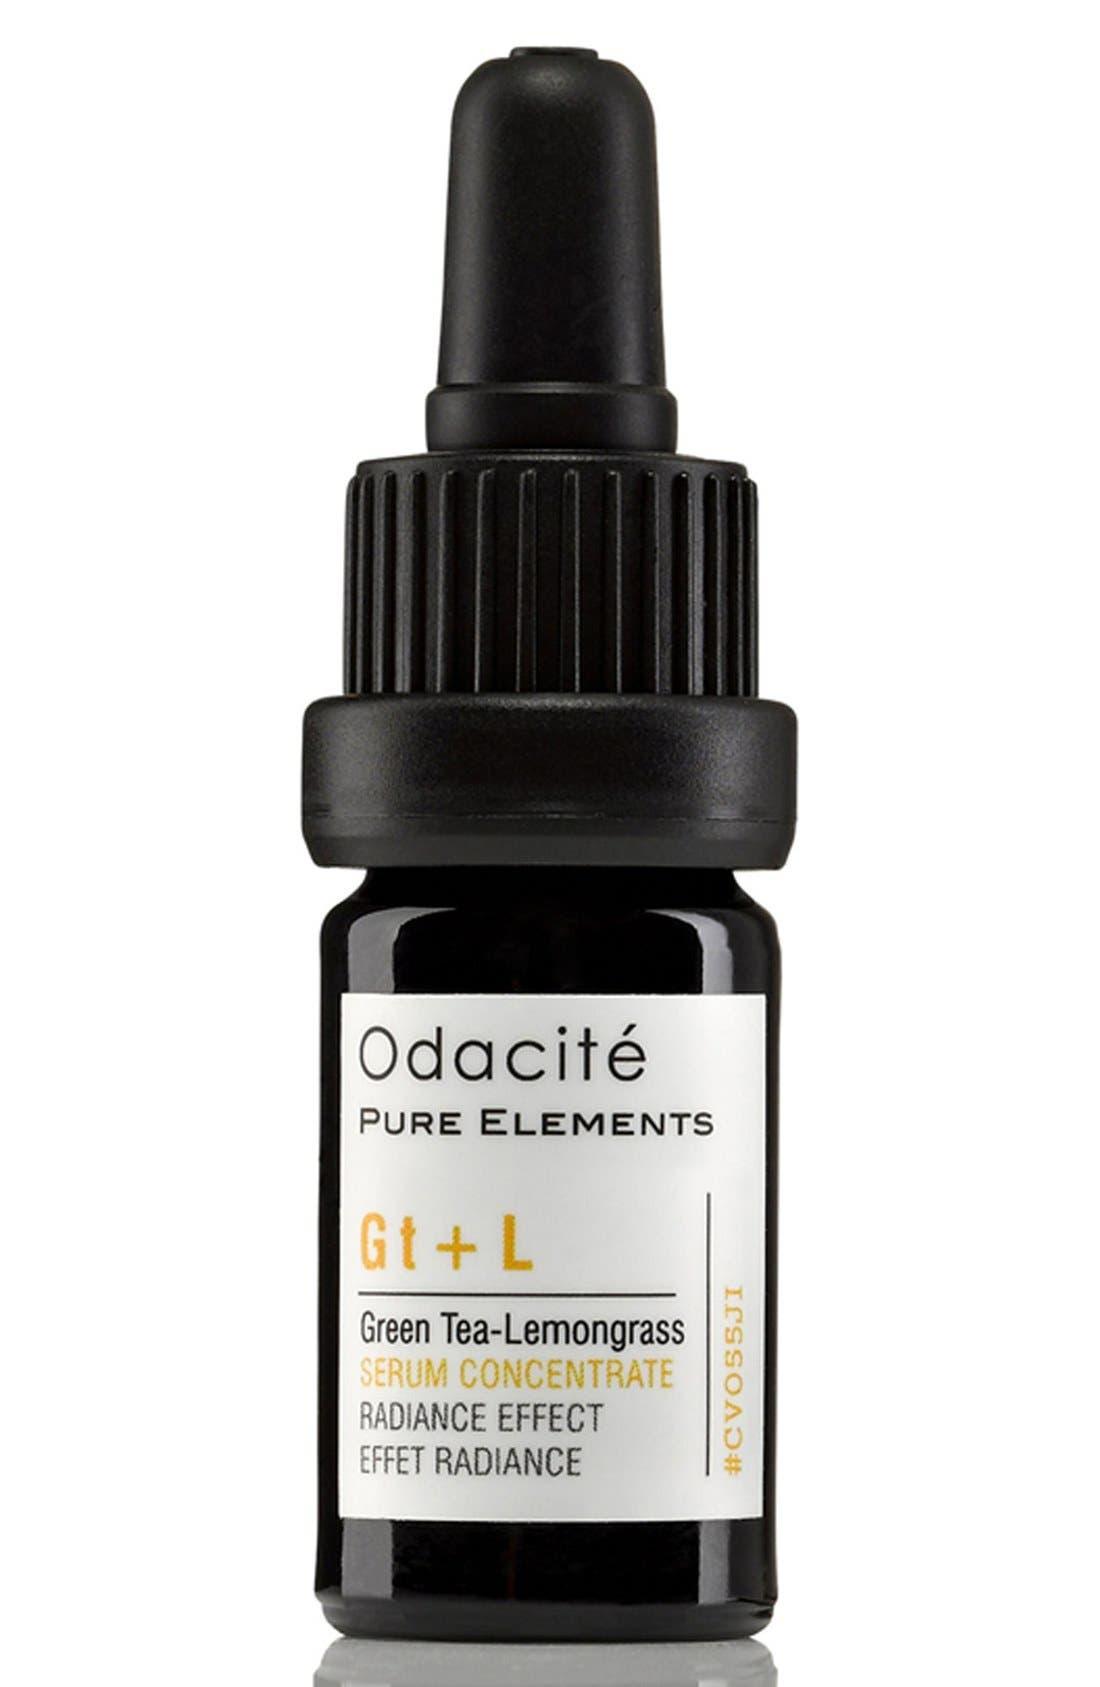 Odacité Gt + L Green Tea-Lemongrass Radiance Effect Serum Concentrate